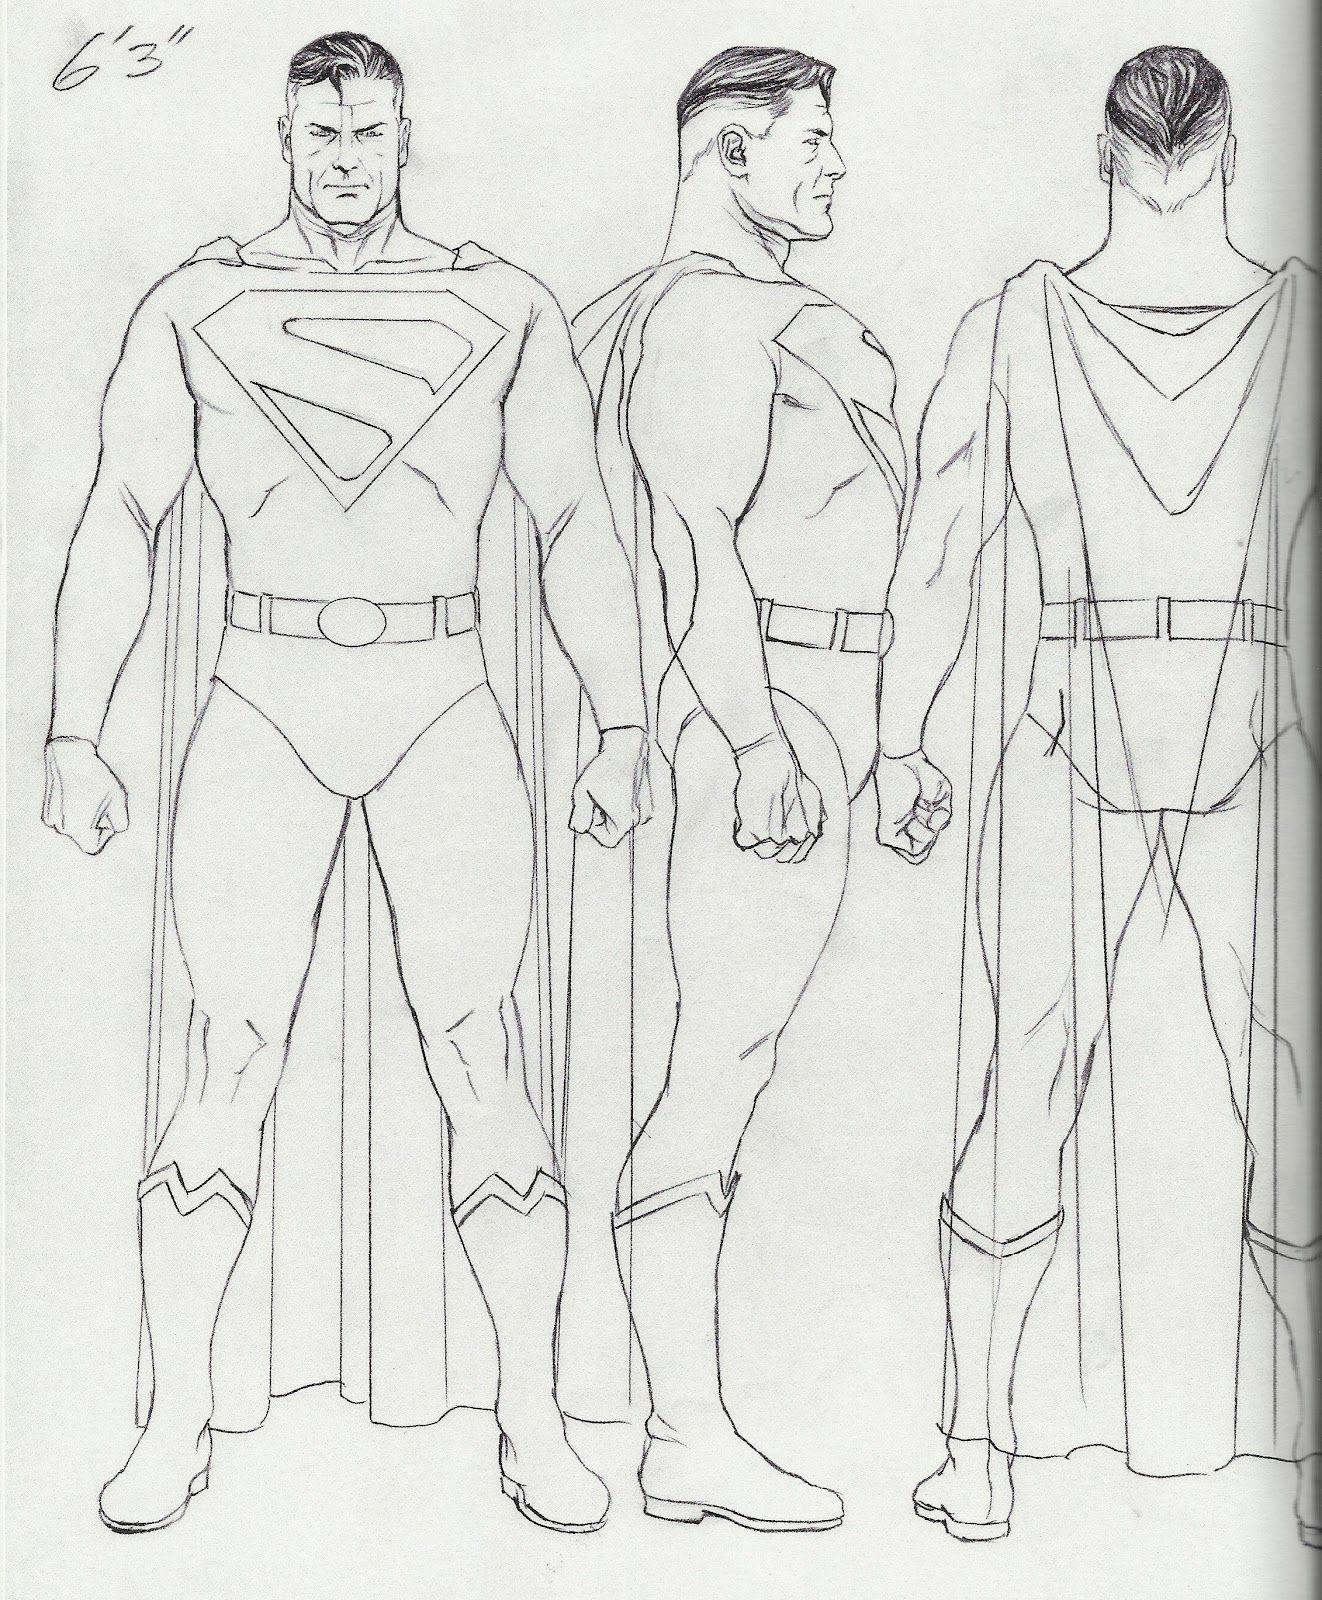 Super Alex Ross 1322 1600 Arte Em Quadrinhos Modelagem De